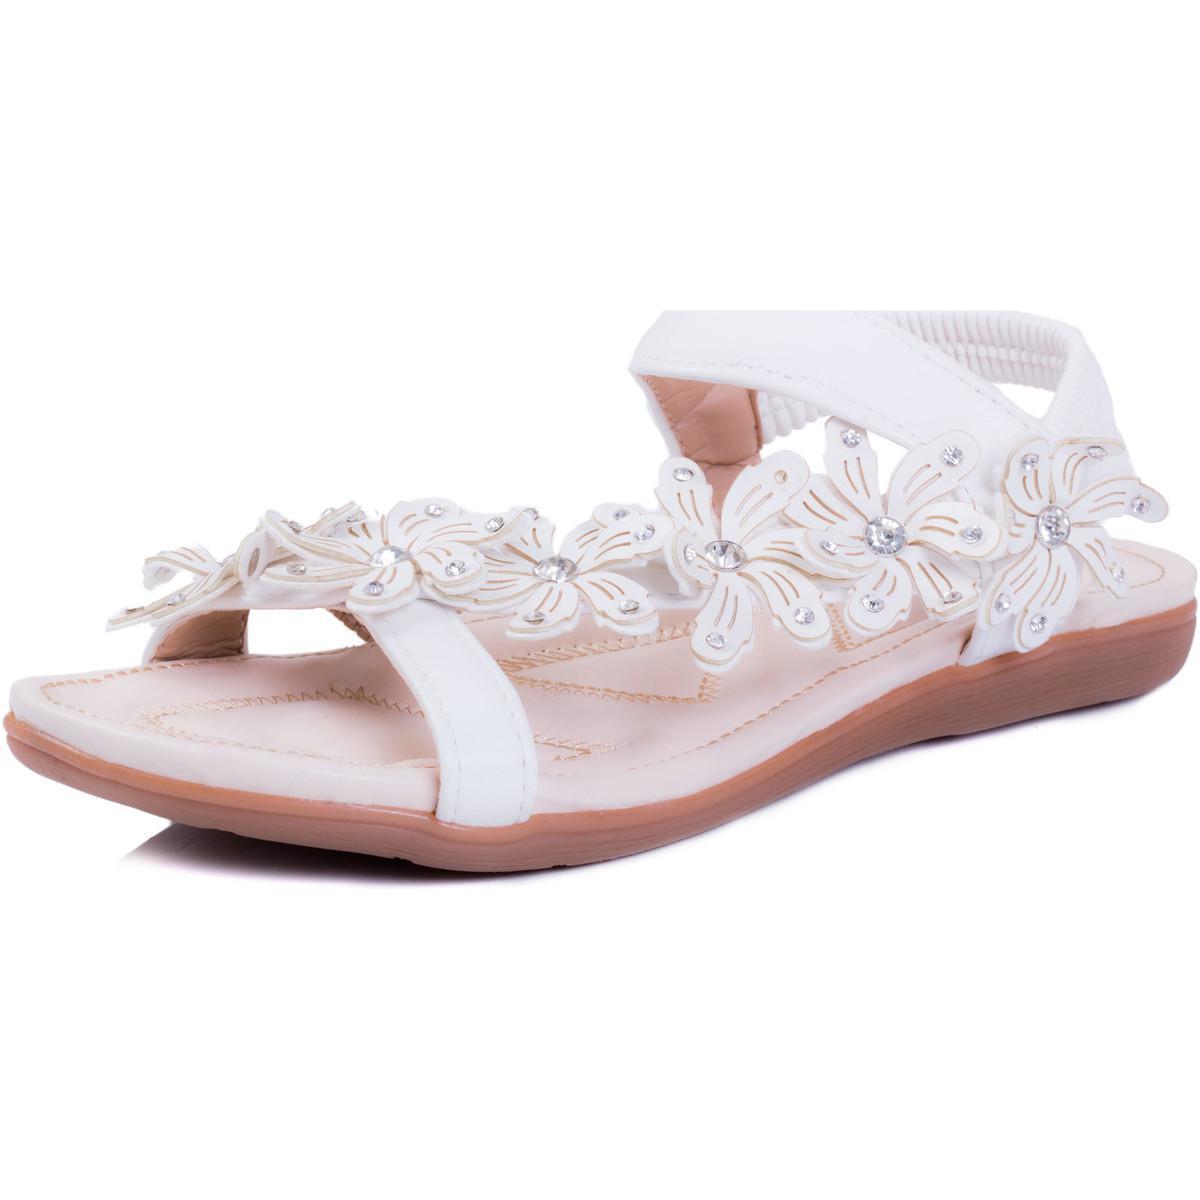 SPYLOVEBUY Fancy Women's Sandals In